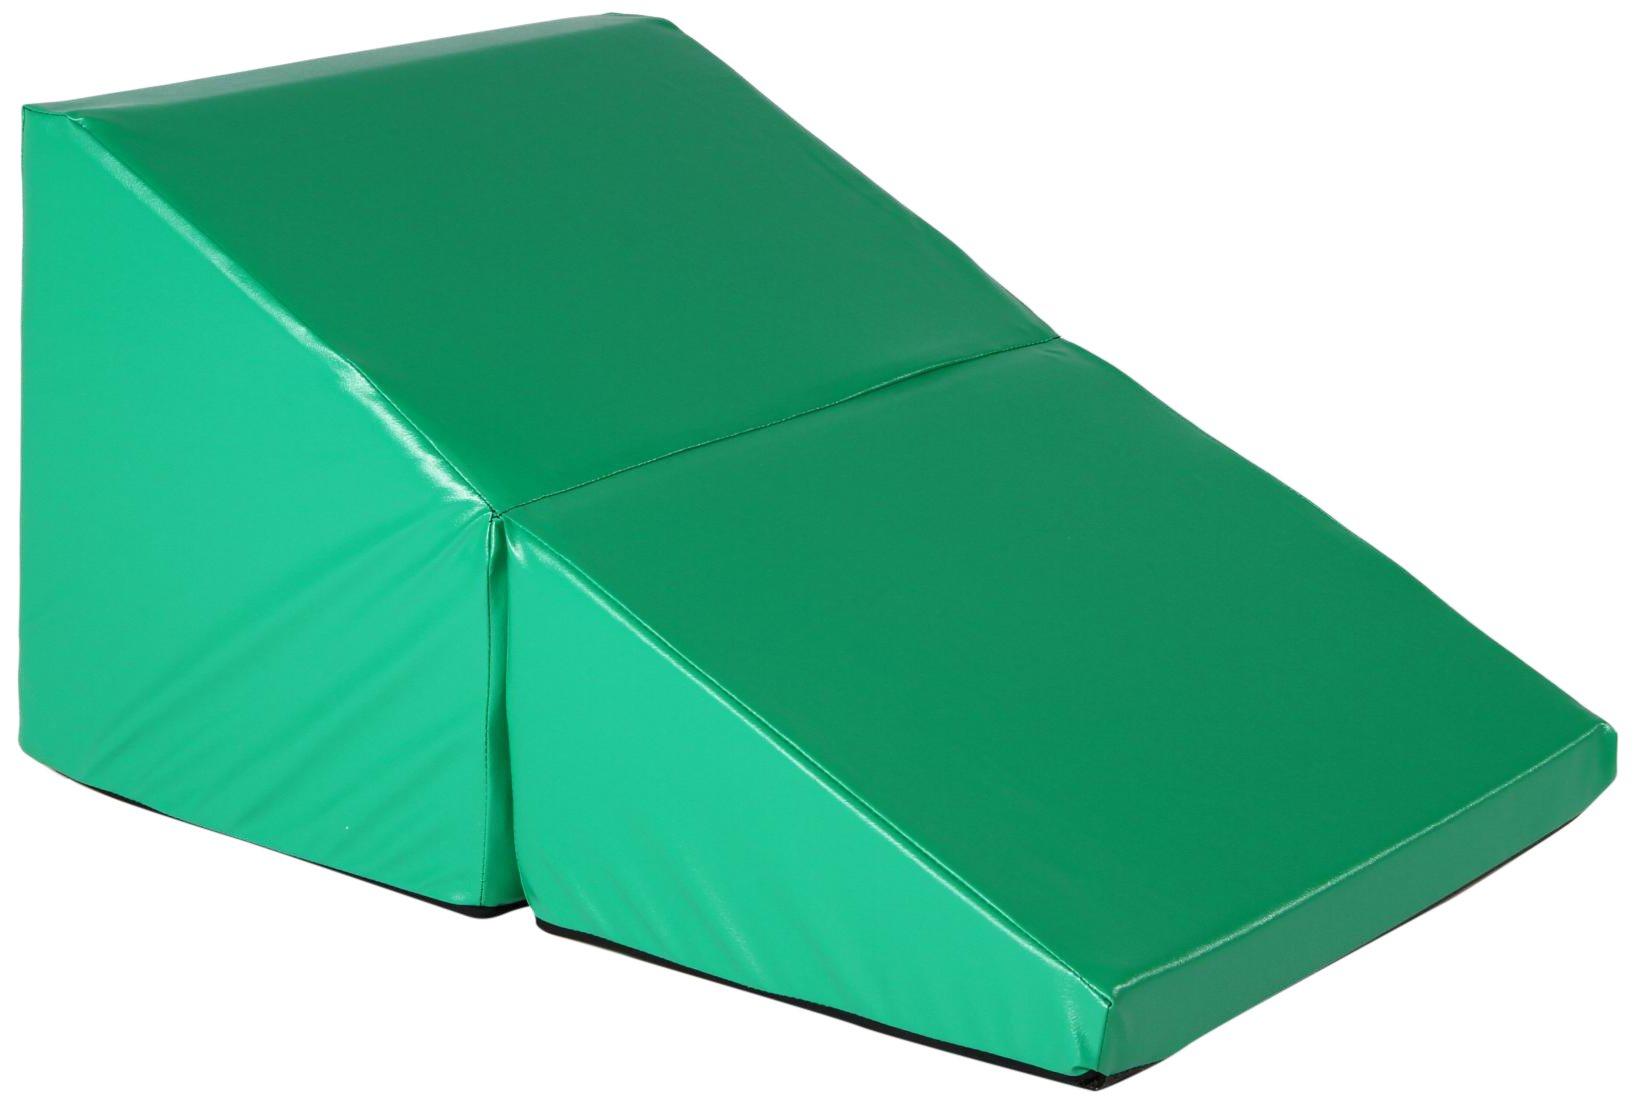 Foamnasium 1110 Jumbo Wedge, Green